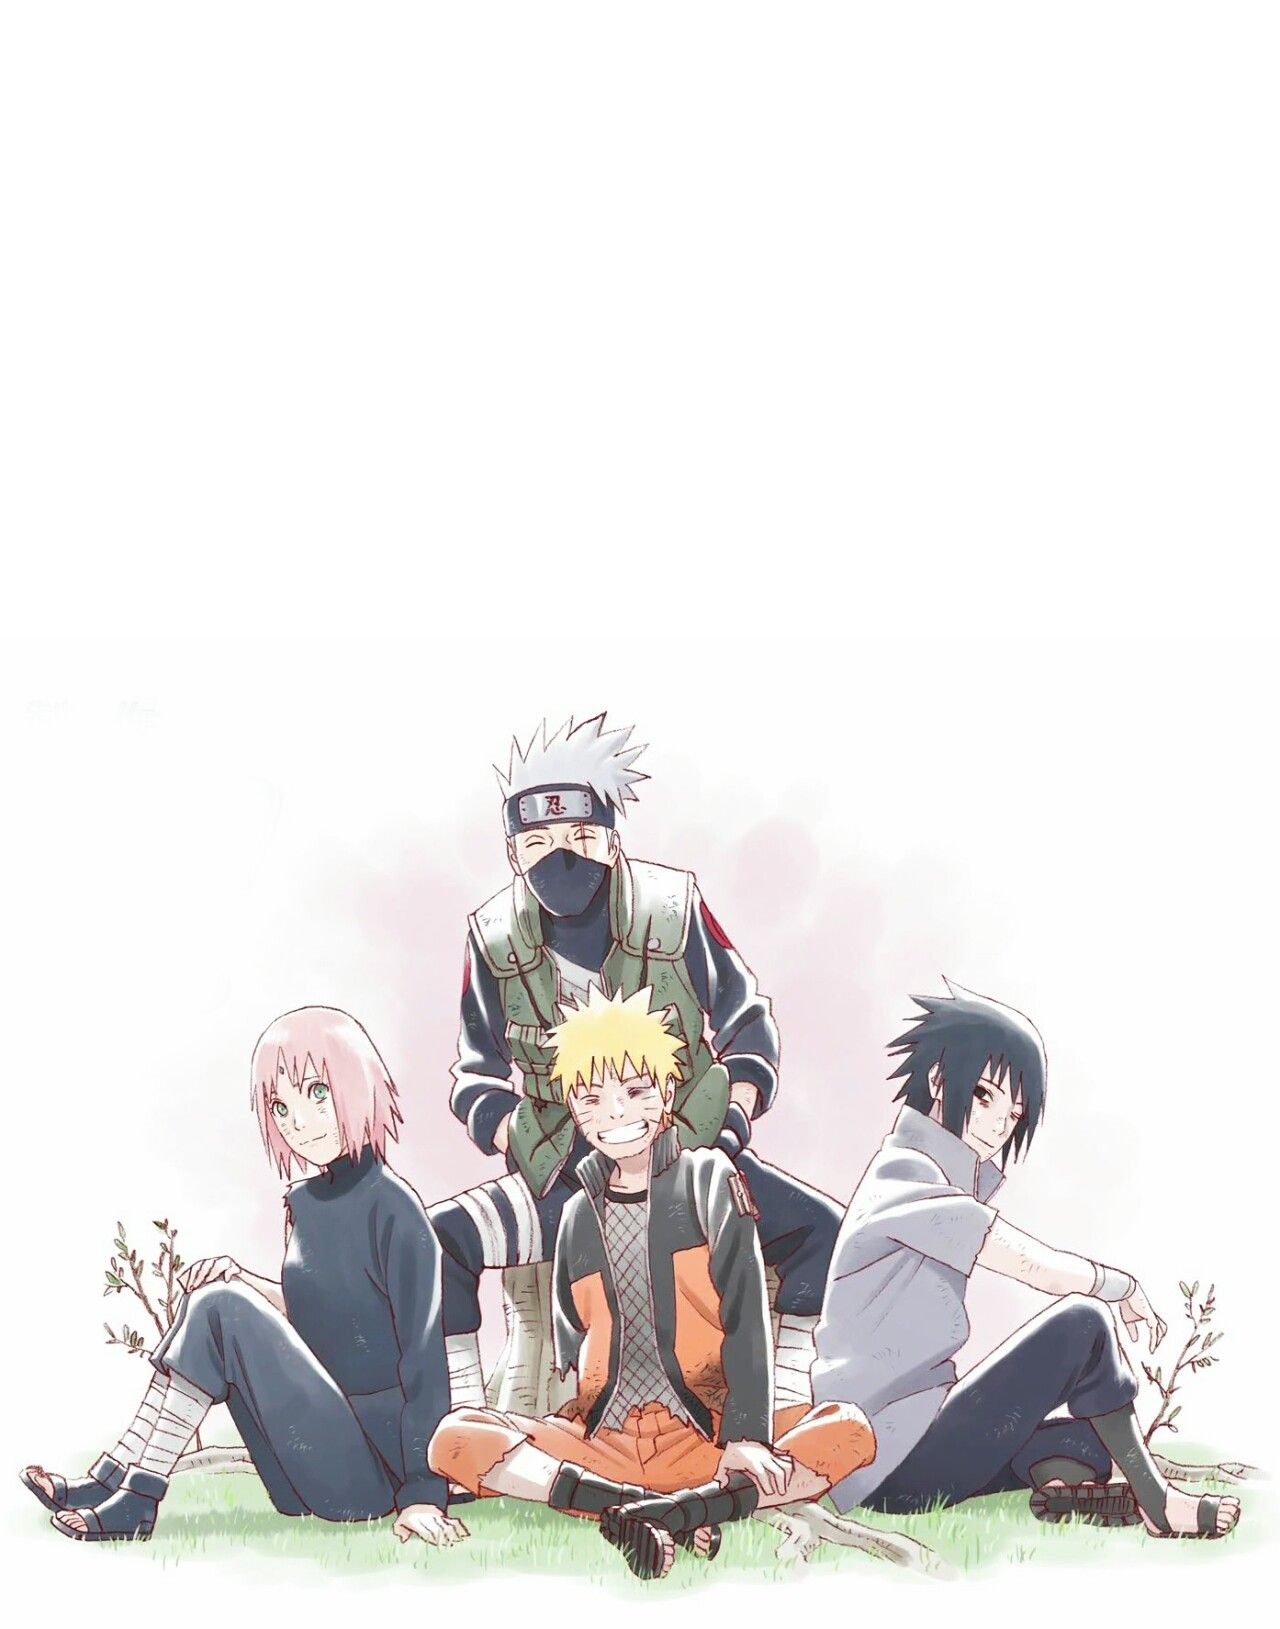 This Was My Wallpaper On My Phone Naruto Sasuke Sakura